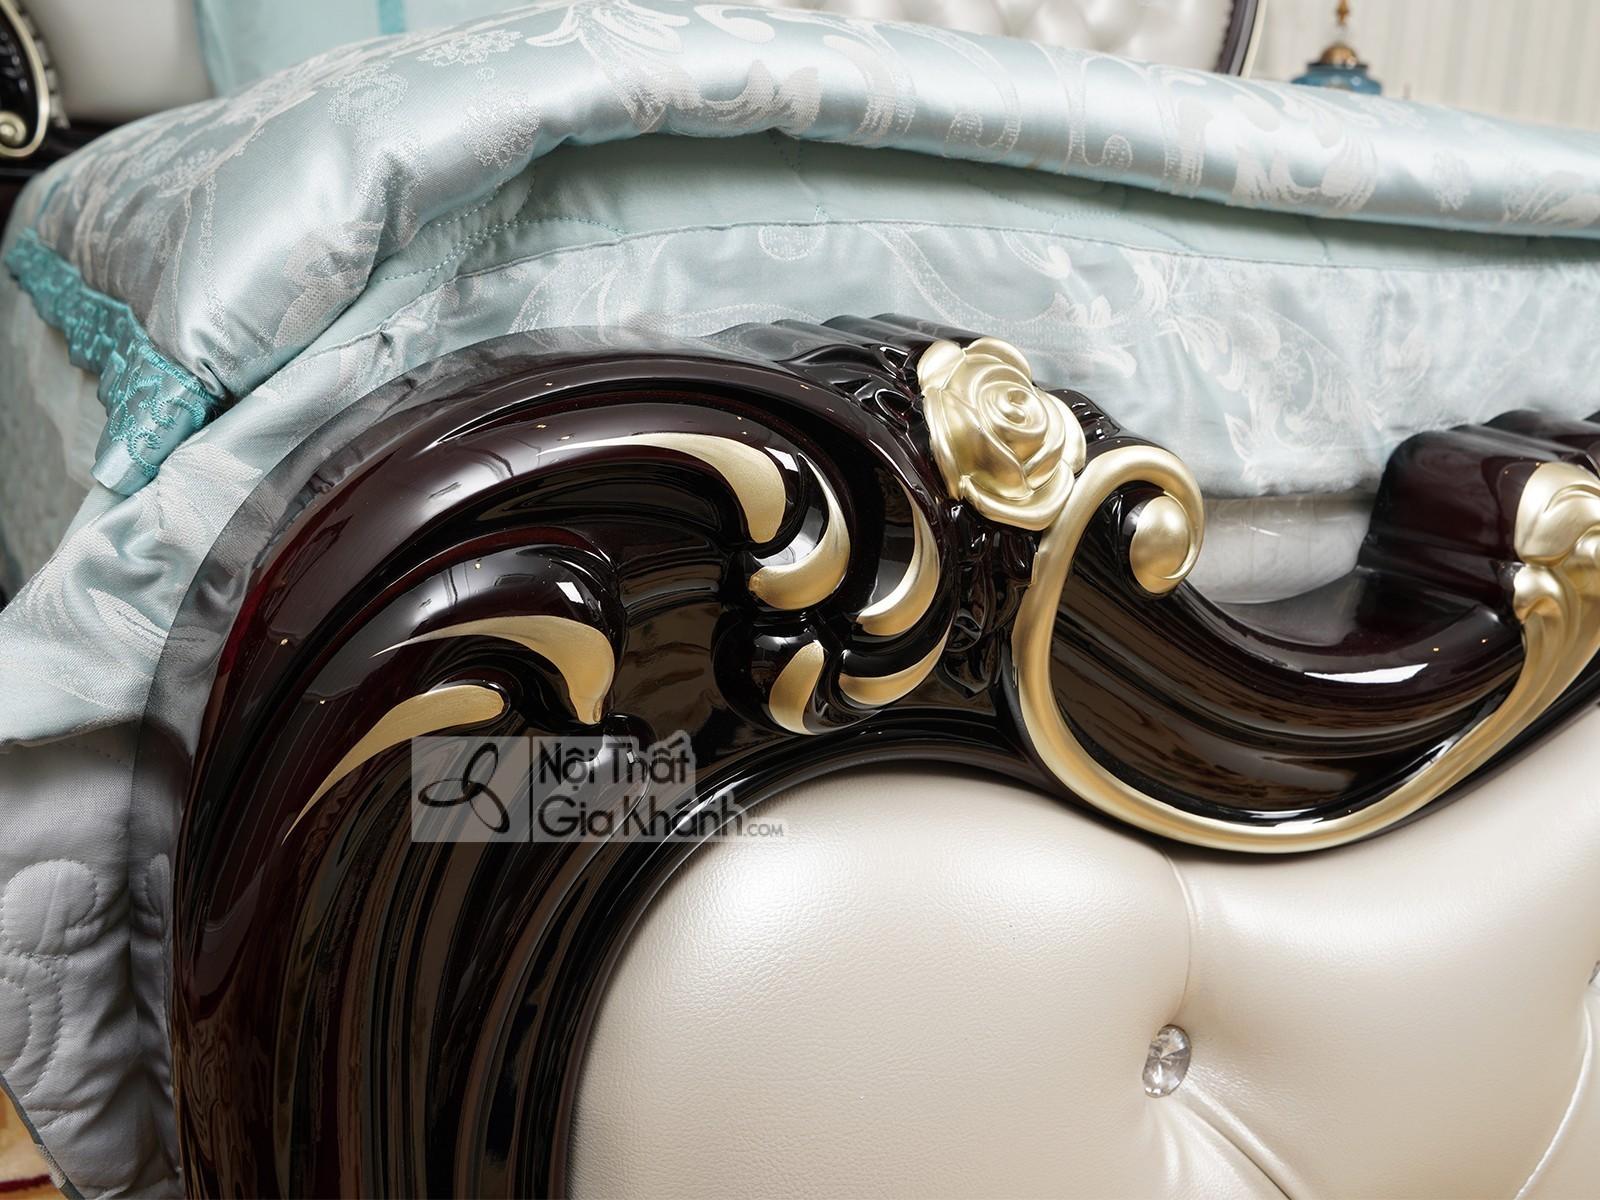 Giường ngủ tân cổ điển cao cấp màu rượu nho GI8802G-18